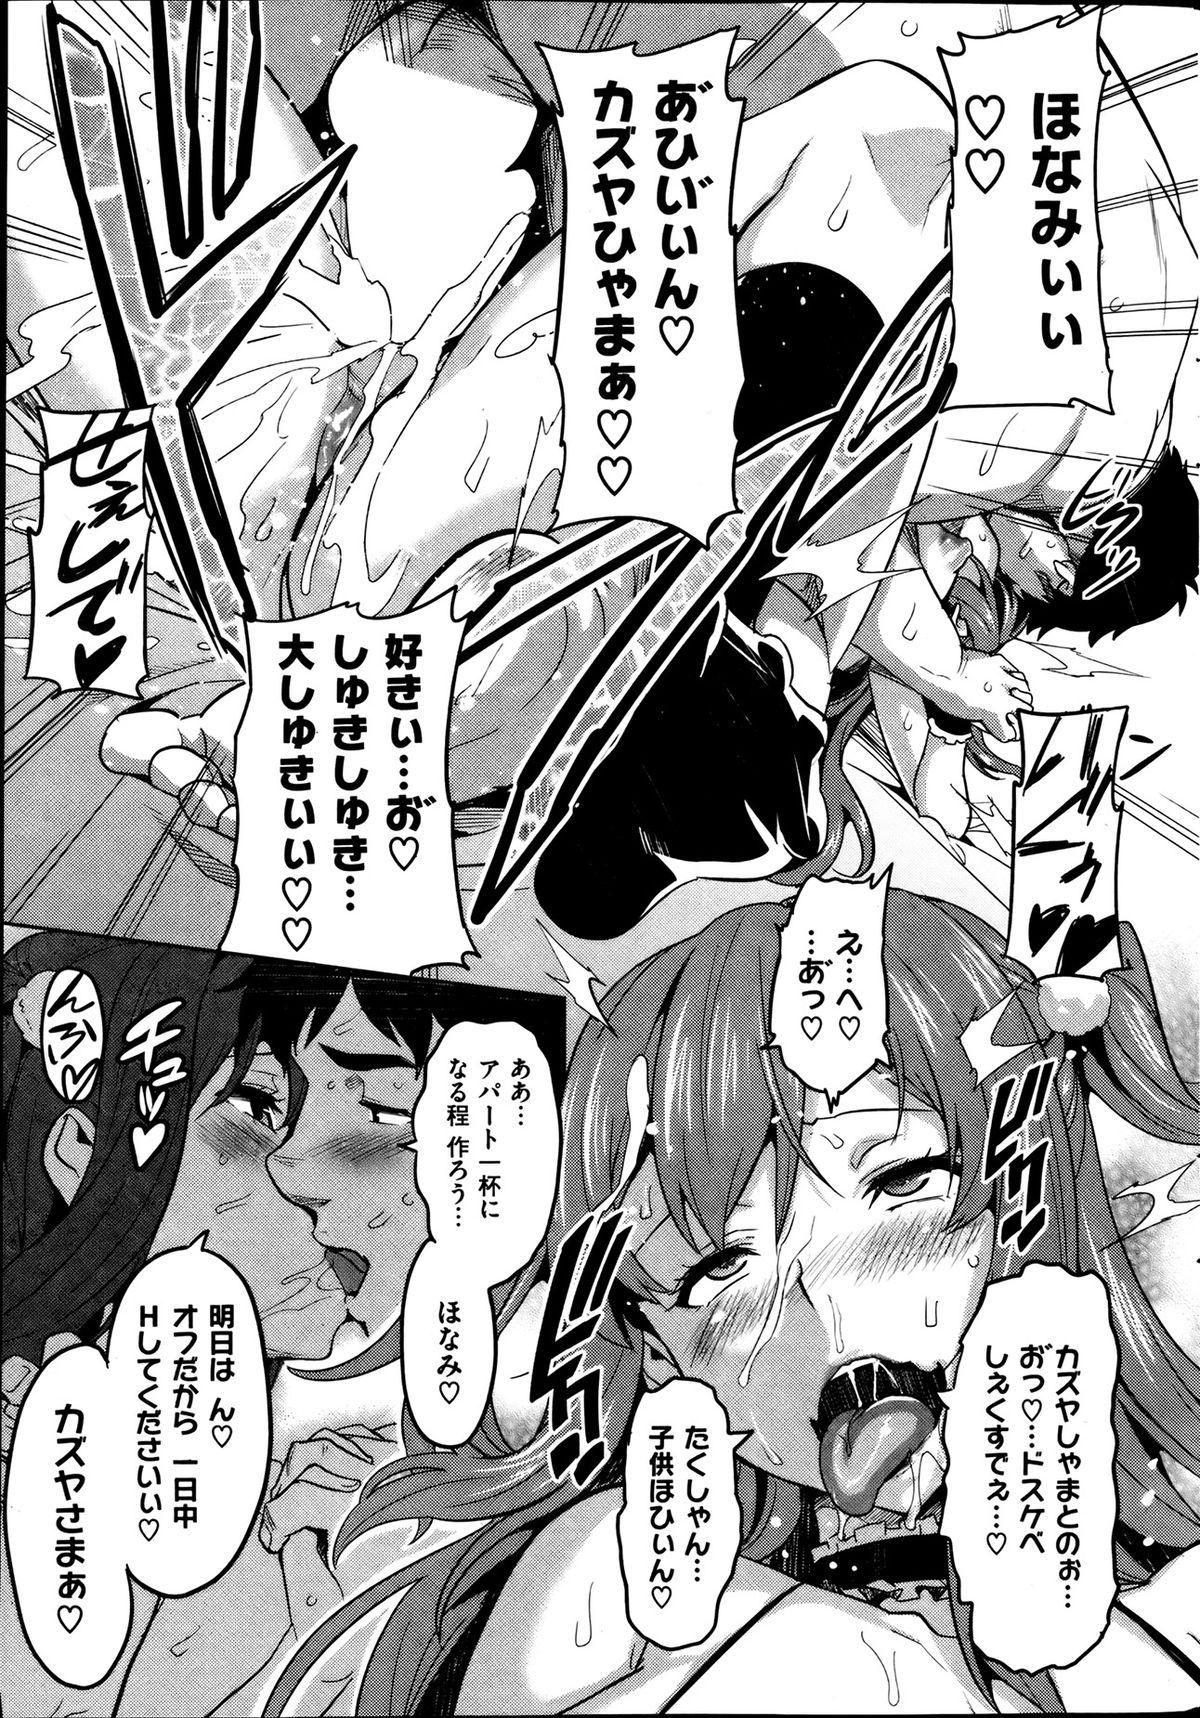 COMIC HANA-MAN 2013-08 Takeda Hiromitsu Tokushuu 26